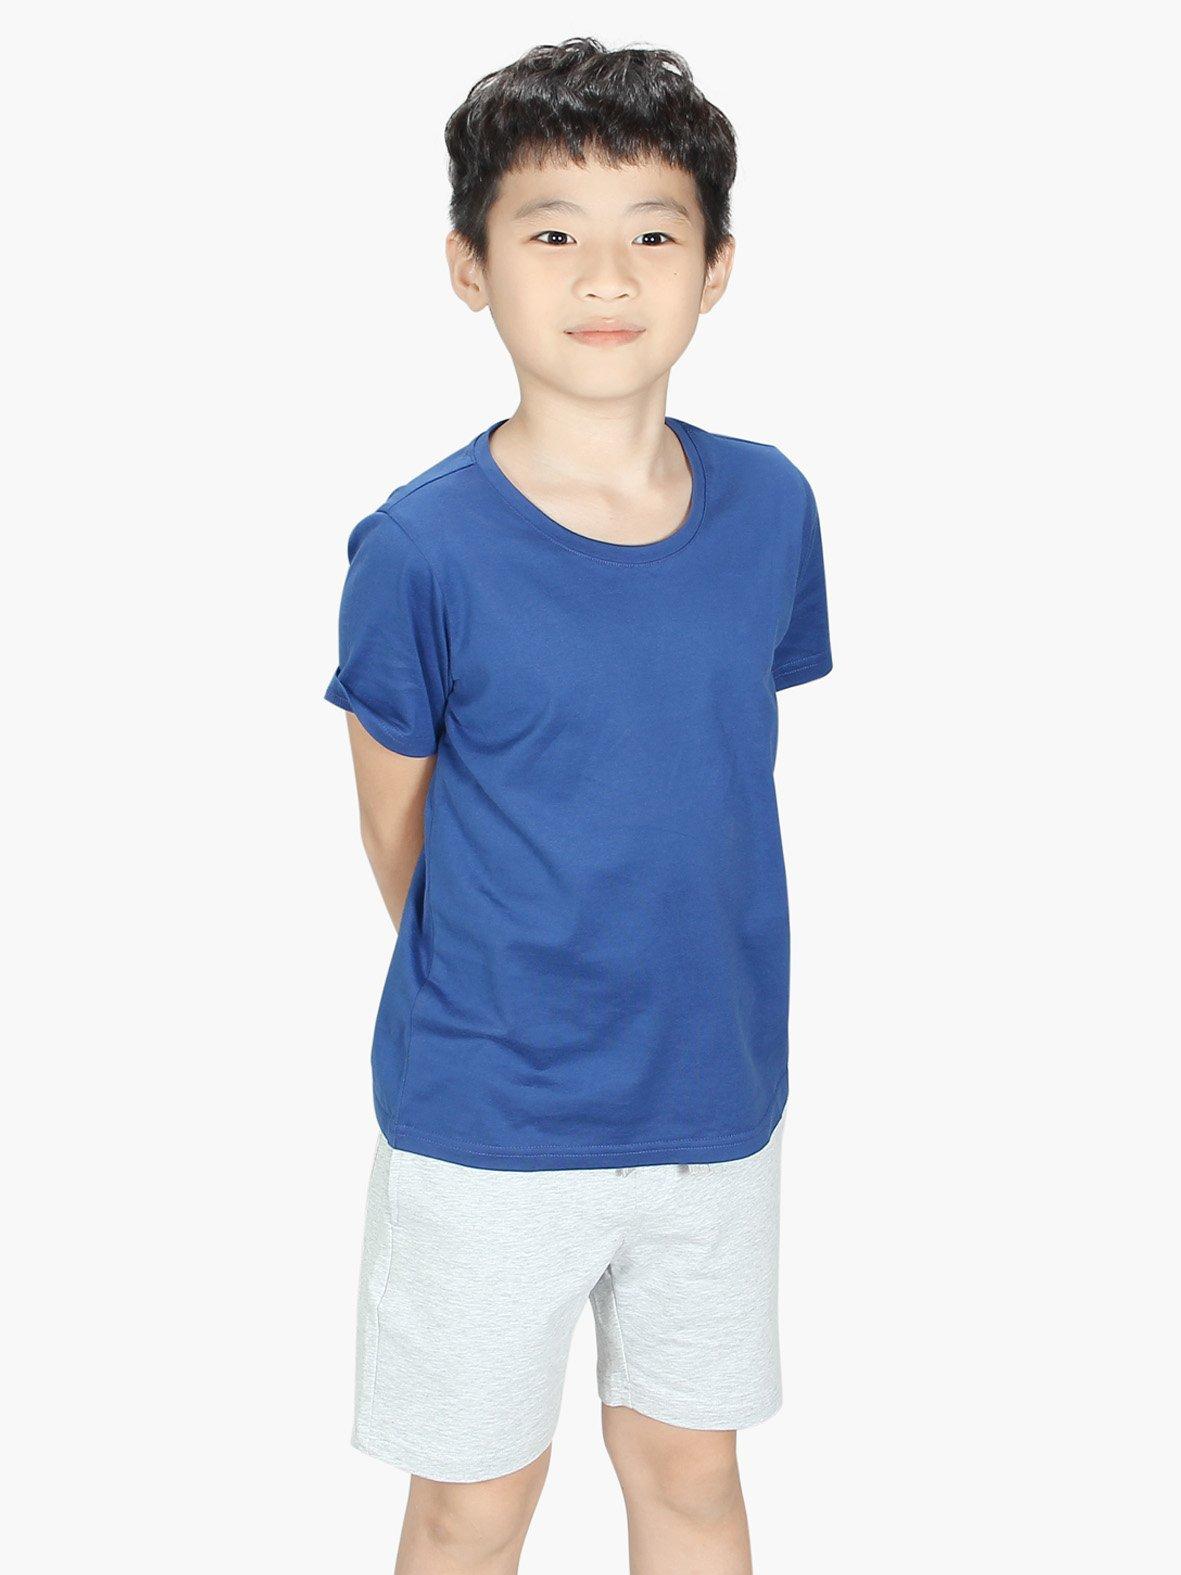 Áo phông bé trai basic mầu xanh coban